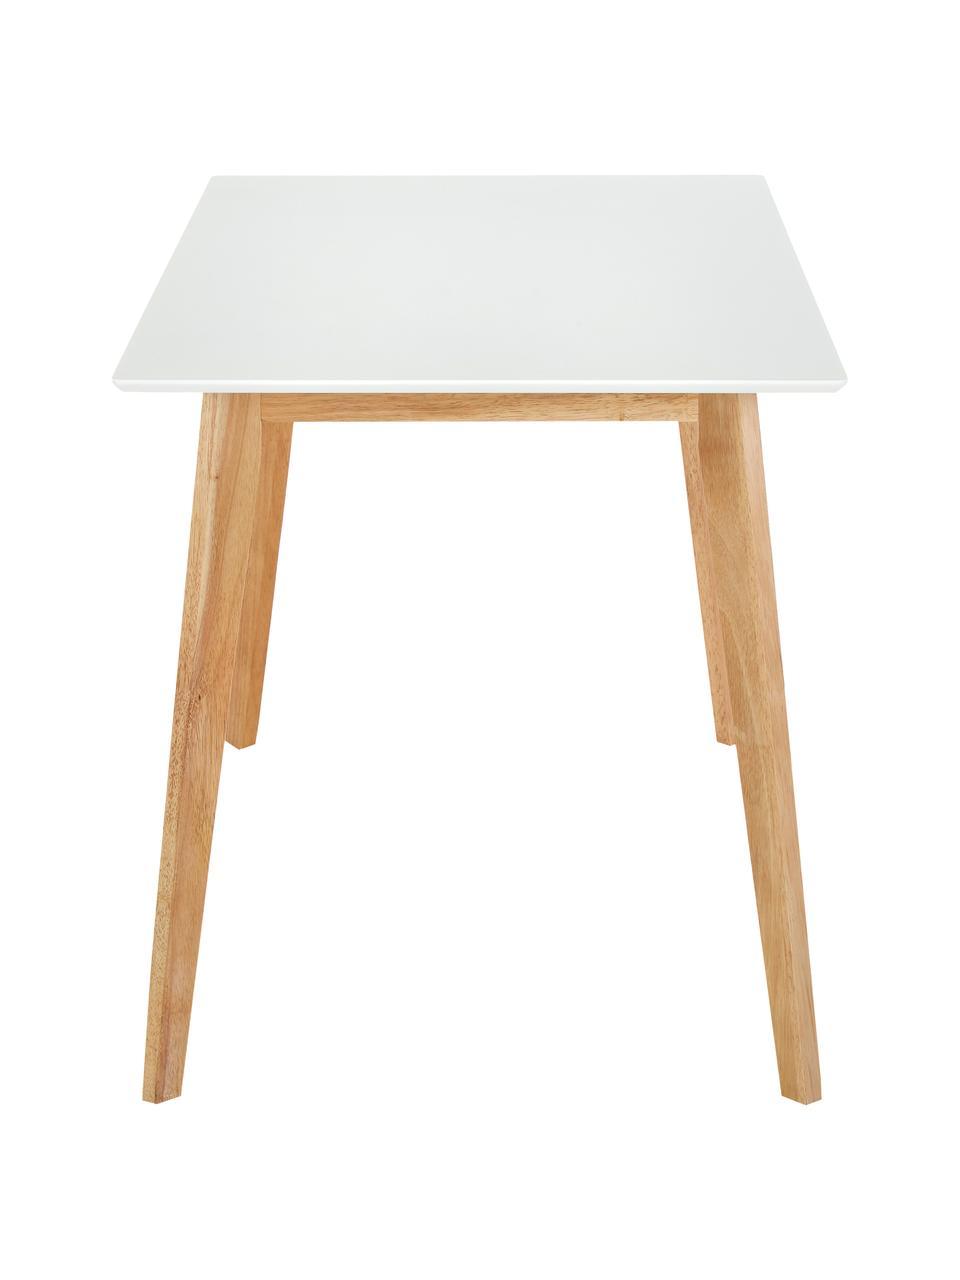 Esstisch Vojens mit weißer Tischplatte, Tischplatte: Mitteldichte Holzfaserpla, Beine: Gummibaumholz, Weiß, Braun, B 120 x T 70 cm